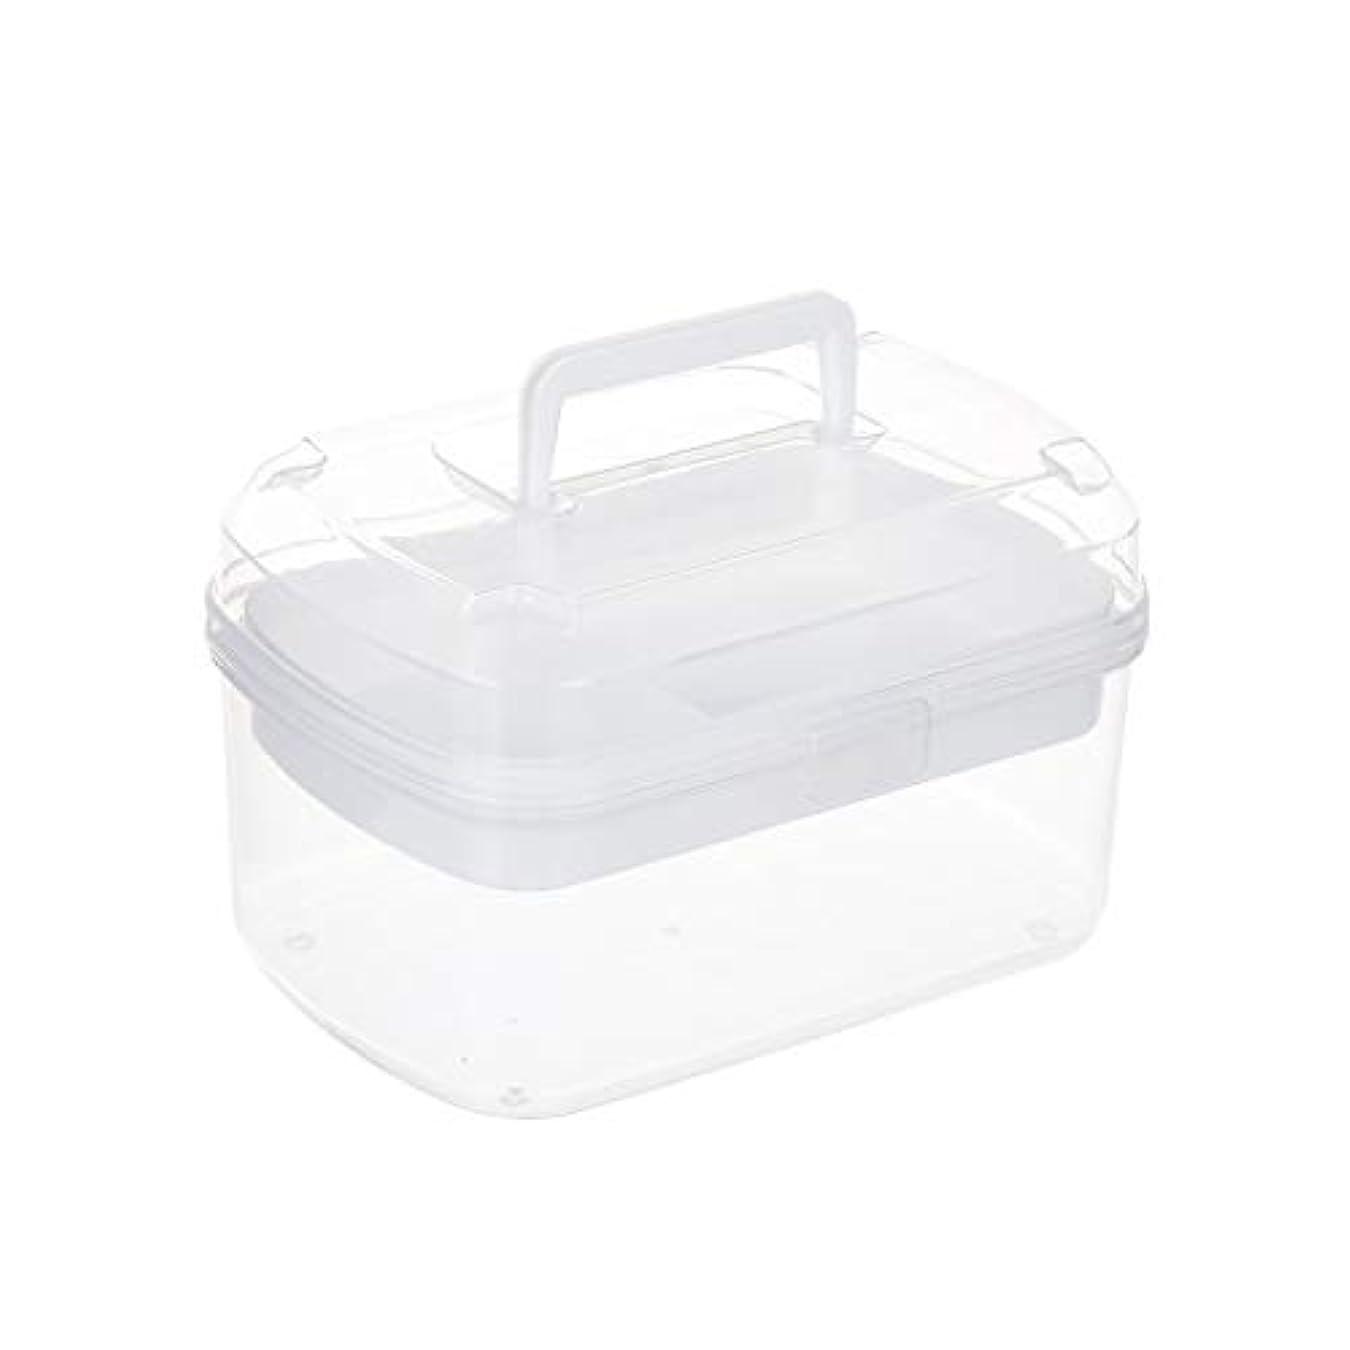 列車救い寮家庭用薬箱小さな薬箱薬収納ボックスポータブル多層救急箱透明色 CQQO